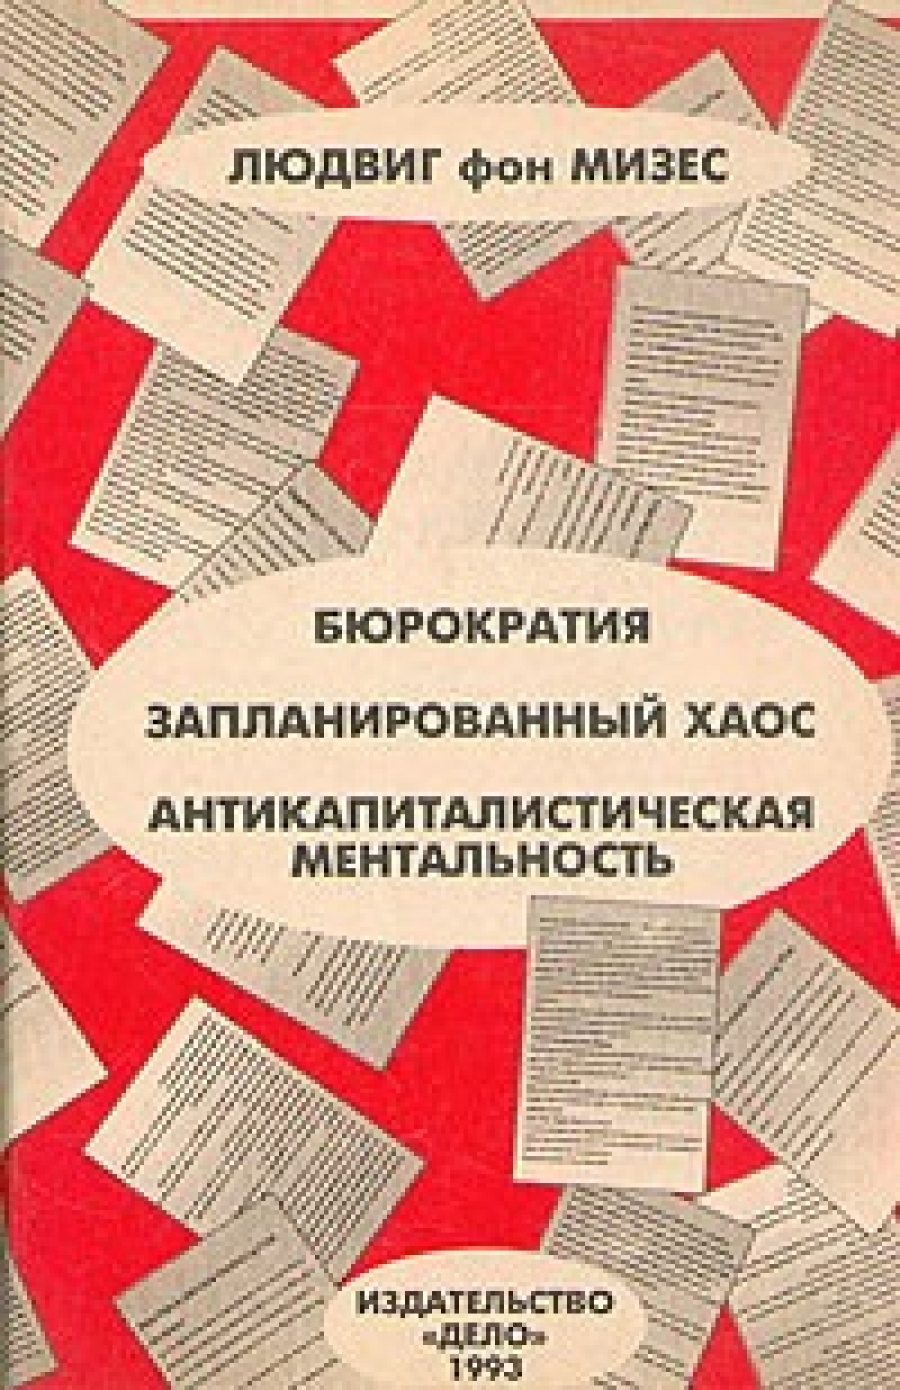 Обложка книги:  мизес, людвиг фон - бюрократия. запланированный хаос. антикапиталистическая ментальность